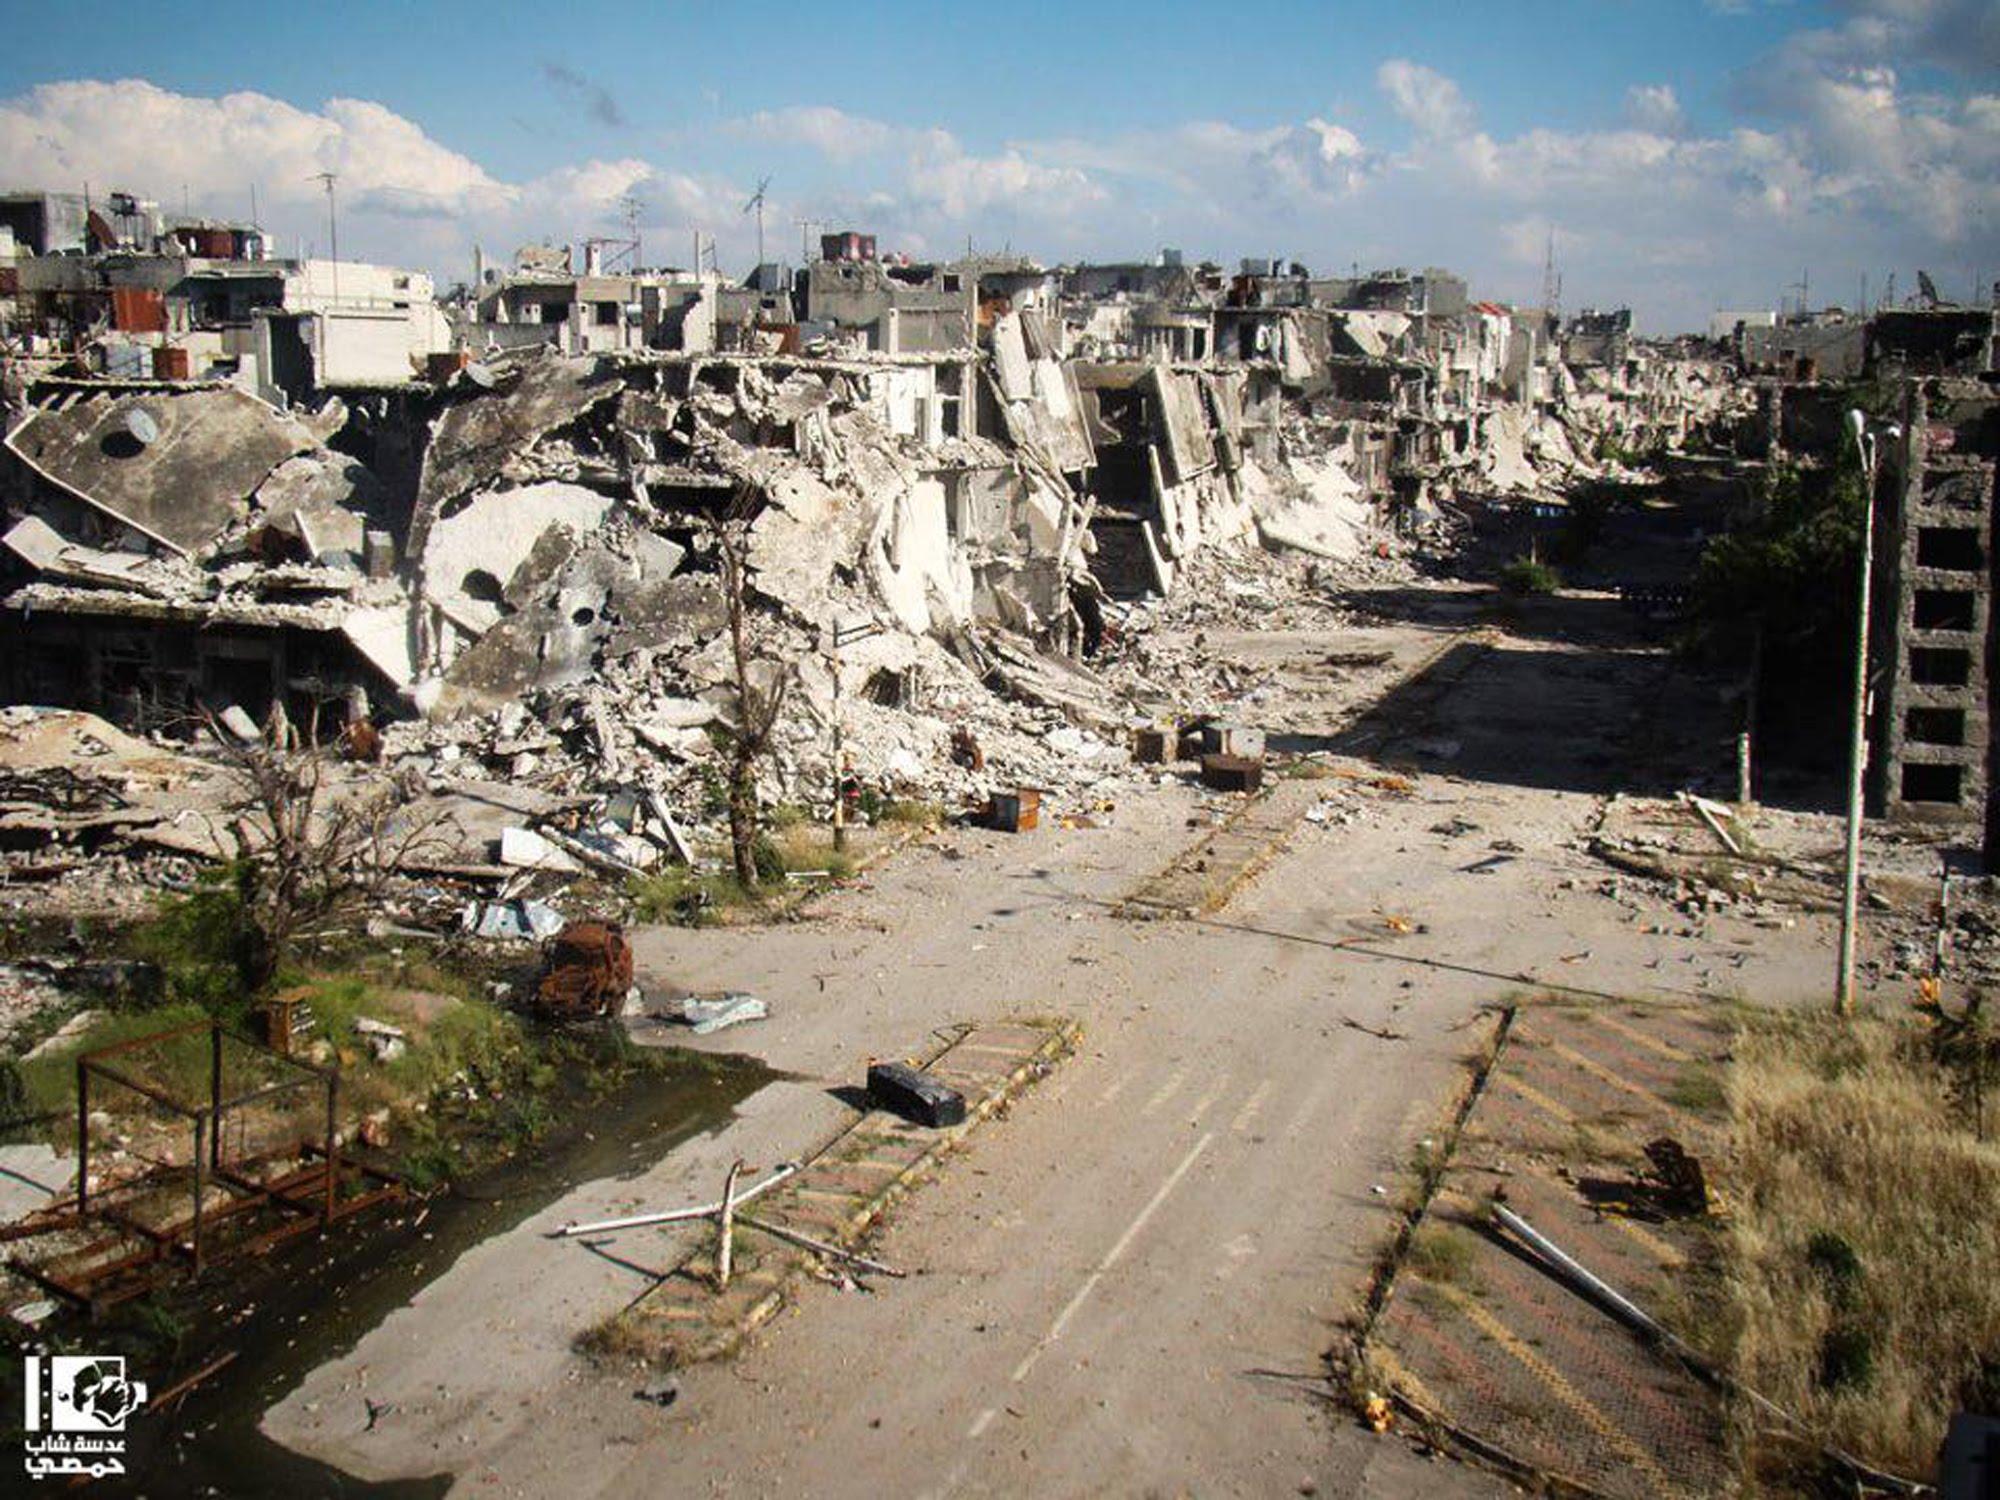 بالصور صور عن سوريا , صور قاسيه من سوريا الحبيبه 2901 4